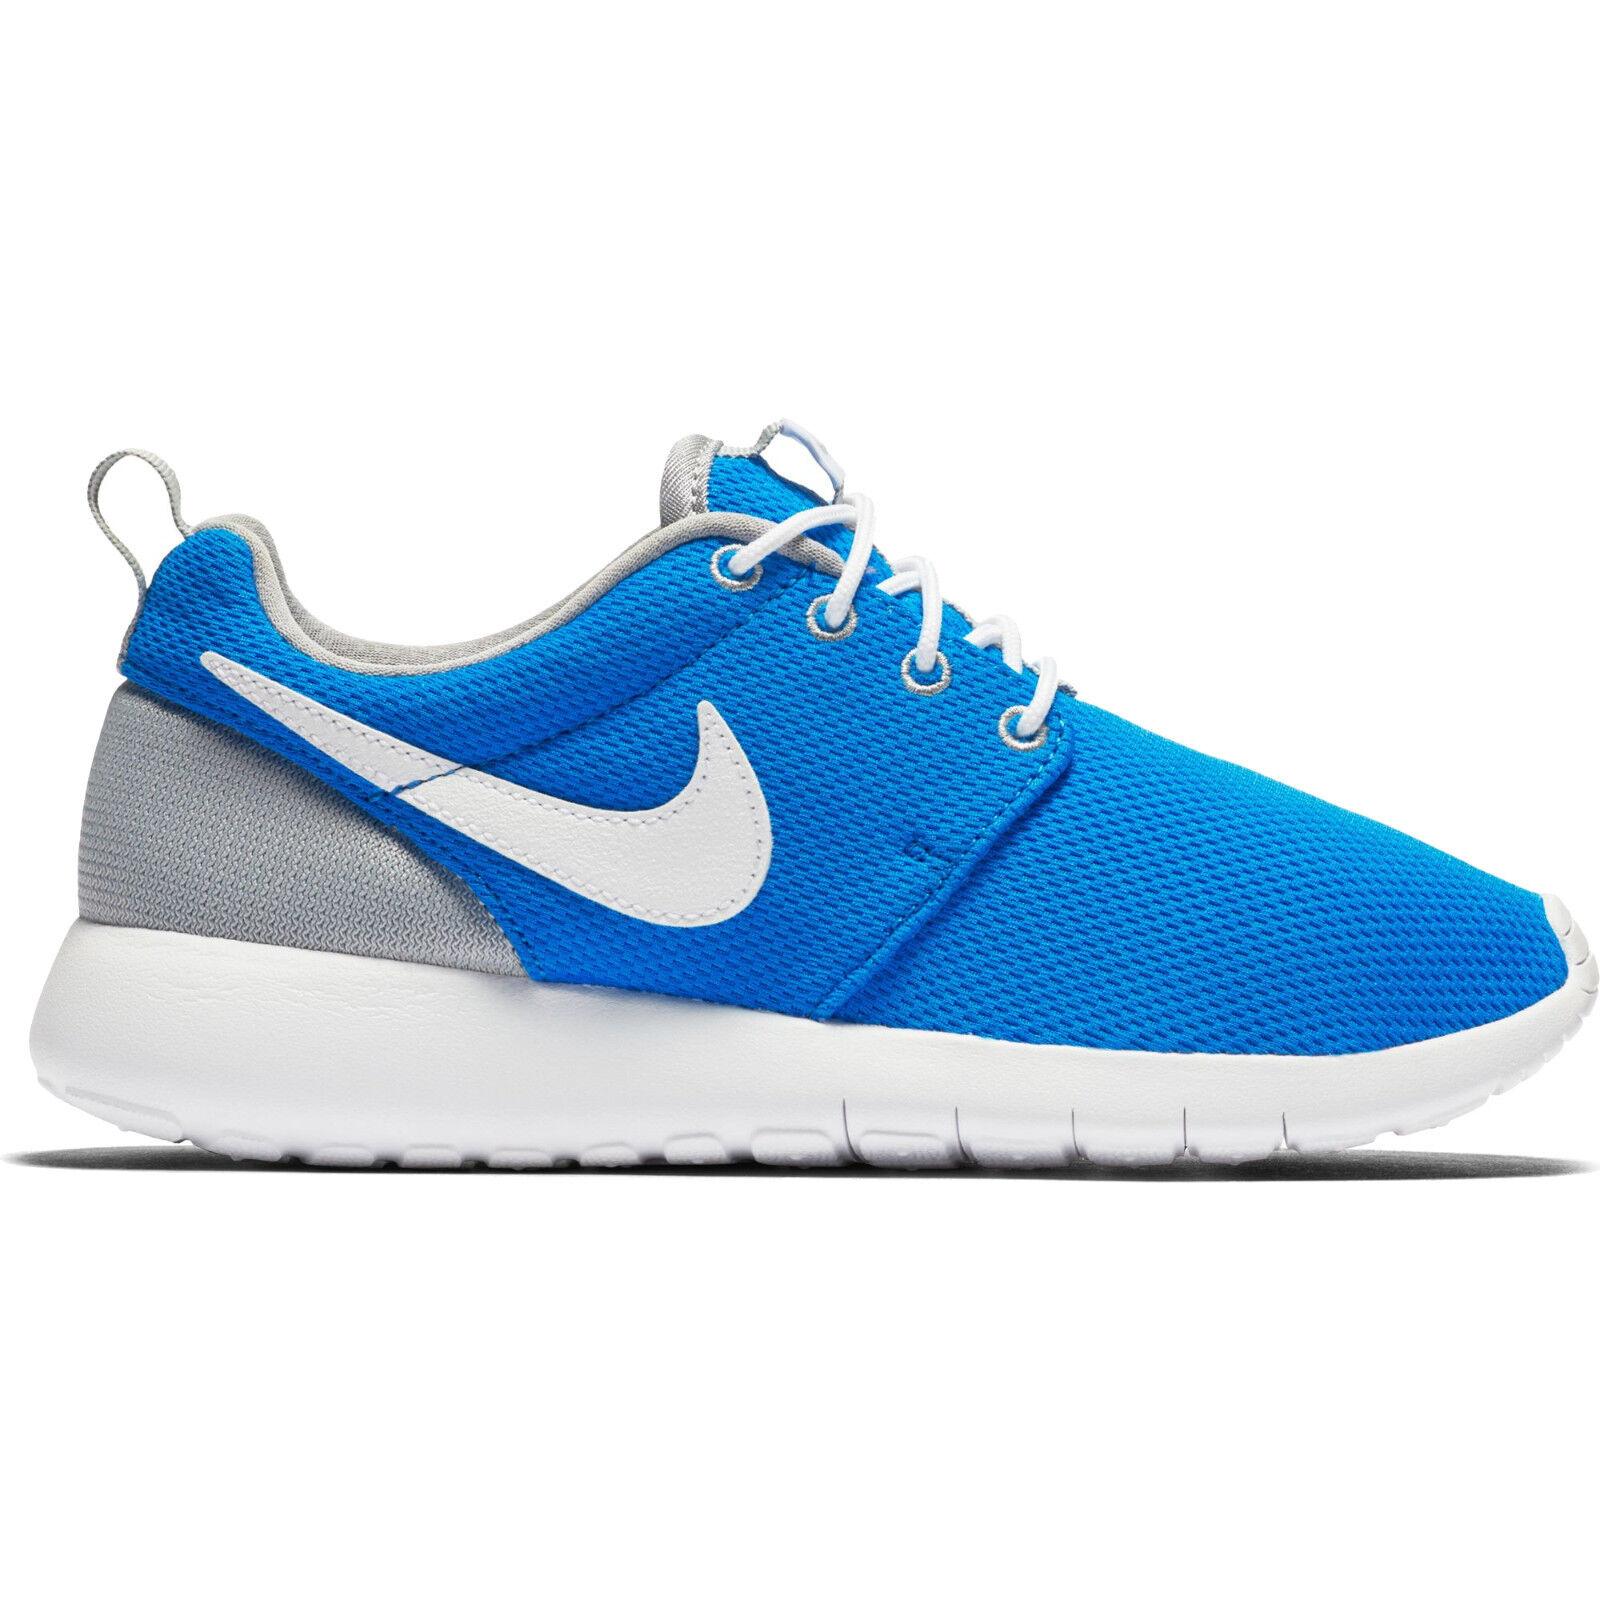 Womens Nike Roshe One GS bleu gr:36, 5 Presto MOIRE Basket 599728-412 Free